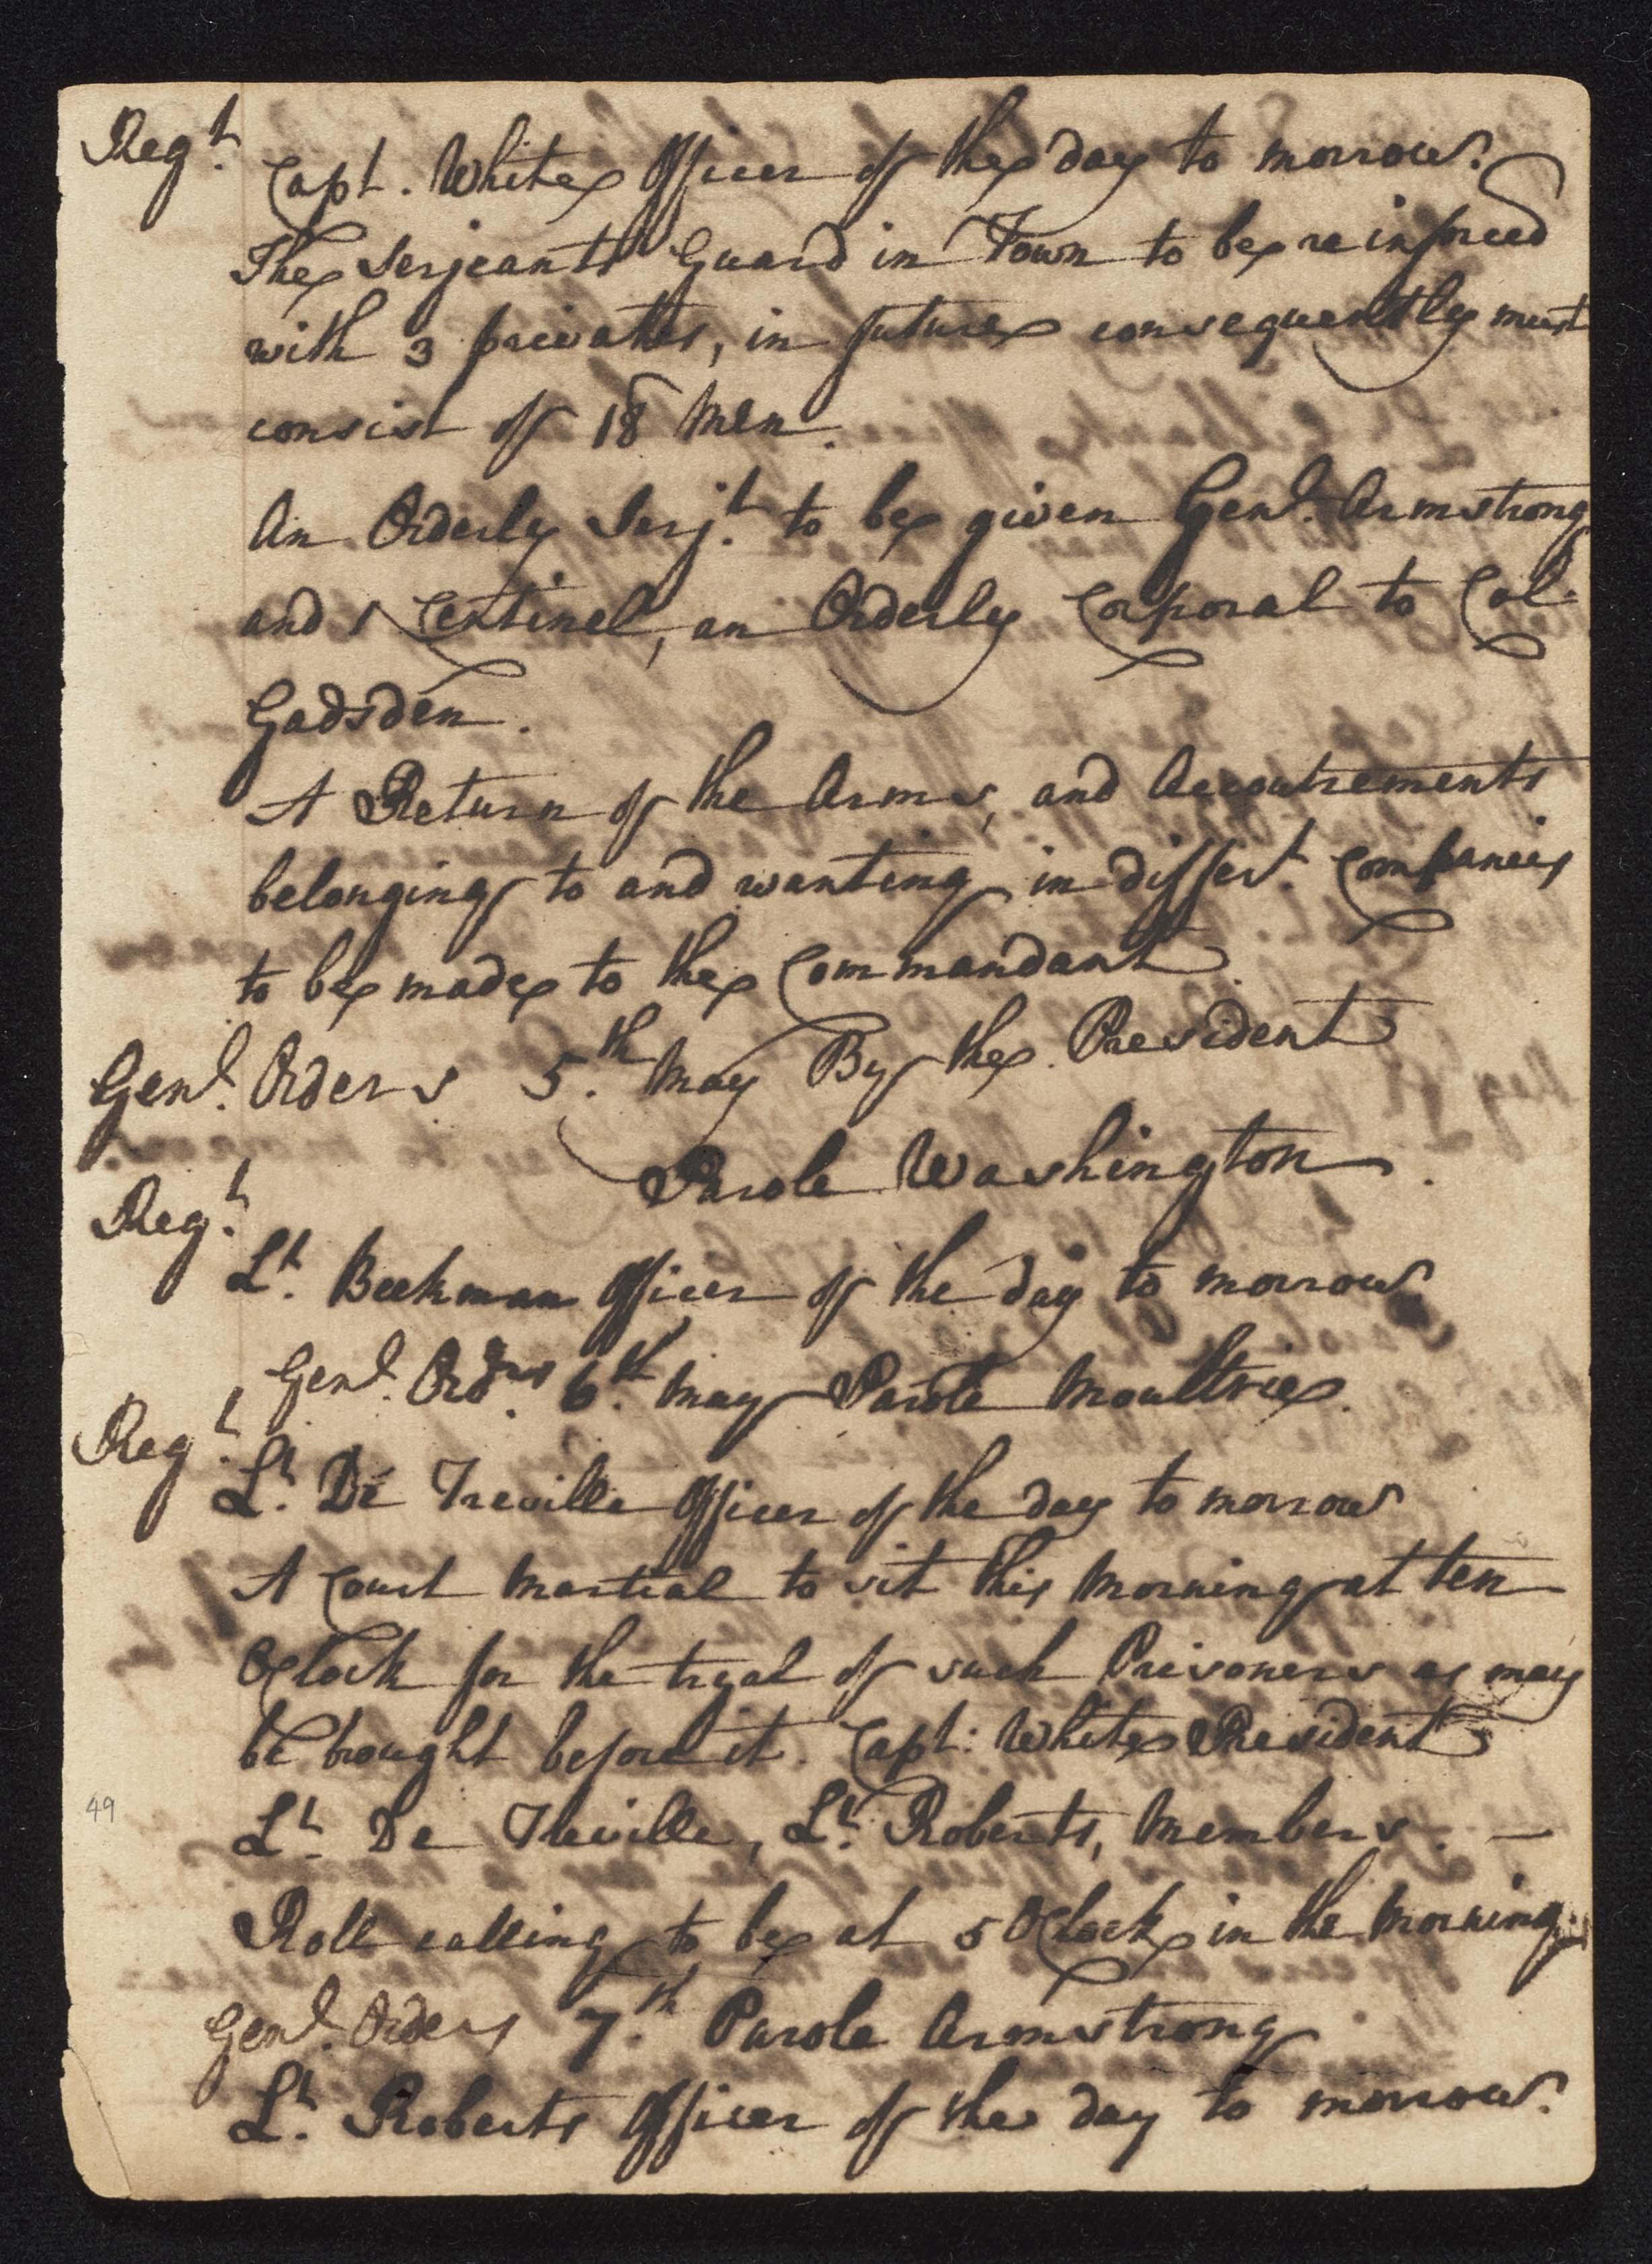 South Carolina Regiment Order Book, Page 97